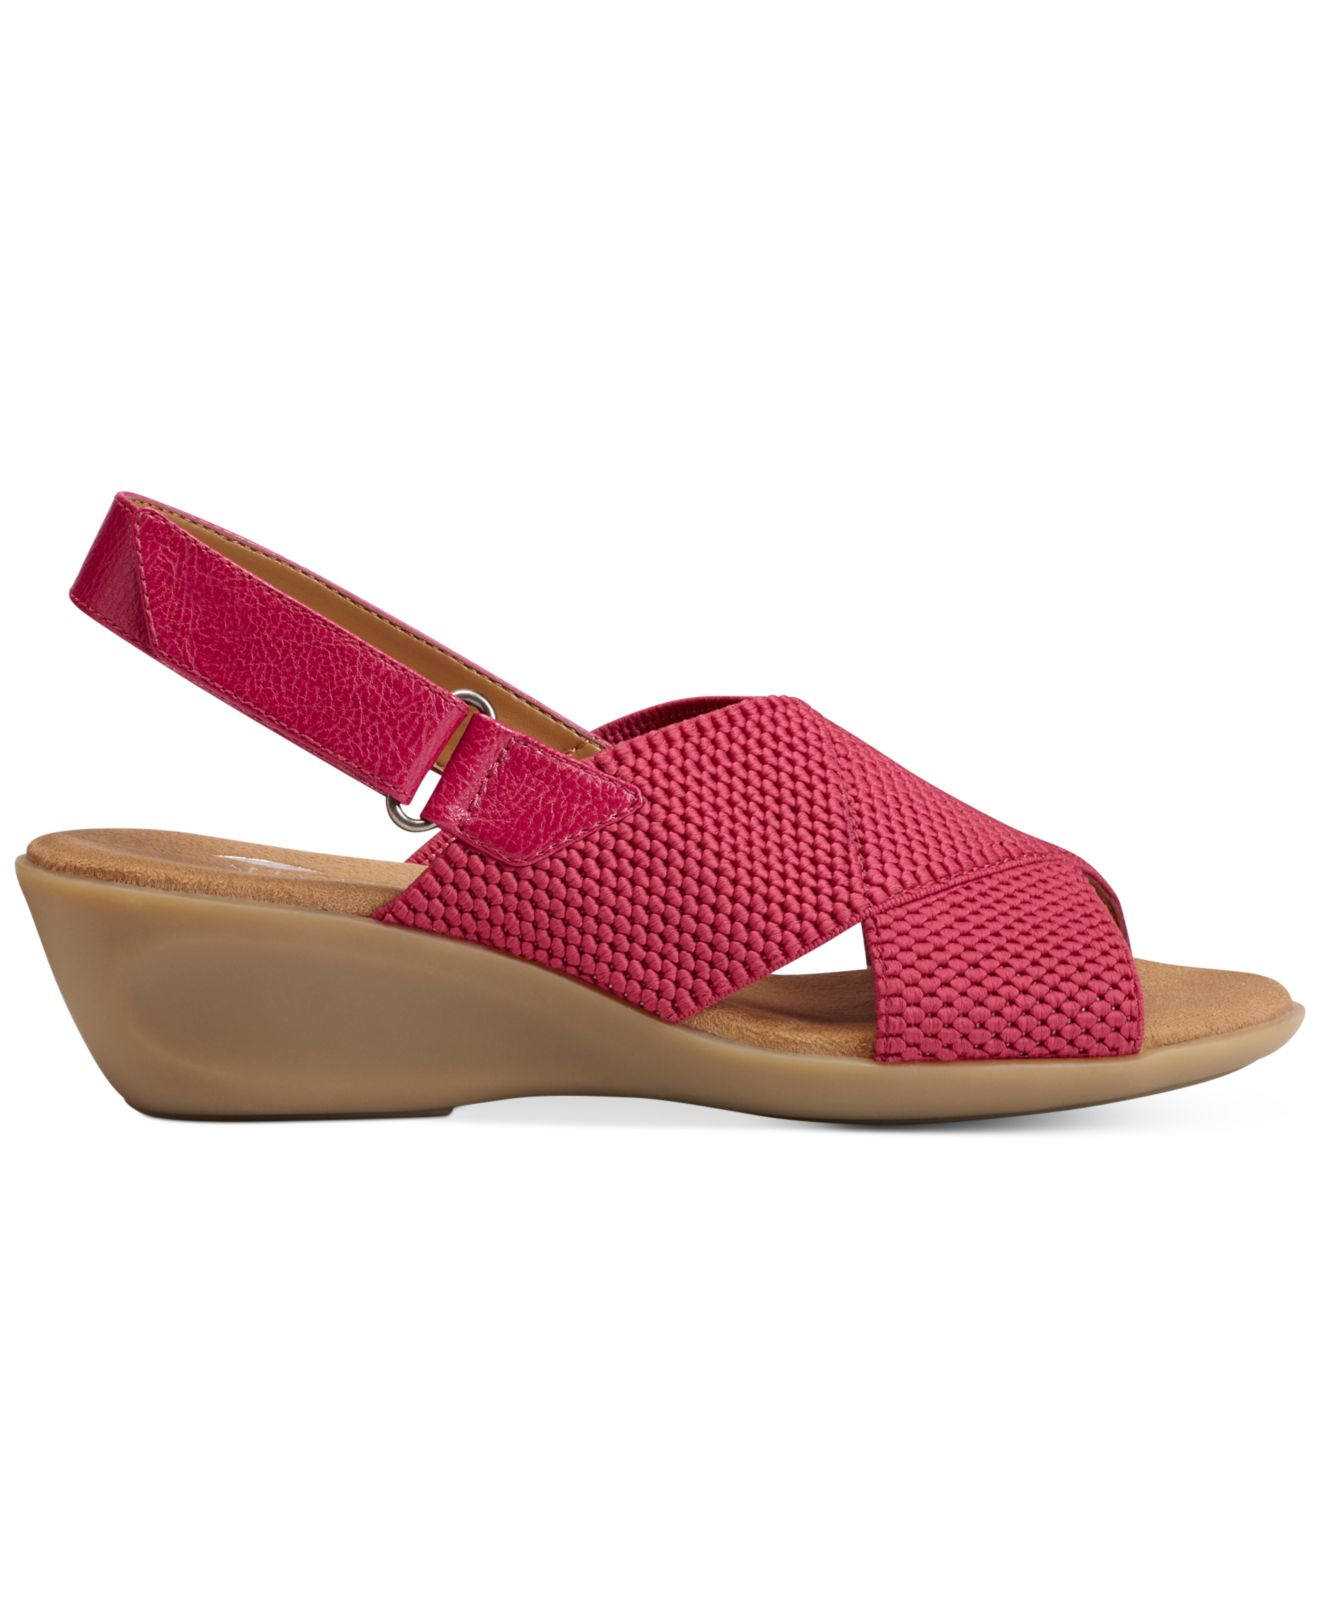 aerosoles badlands wedge sandals in pink lyst